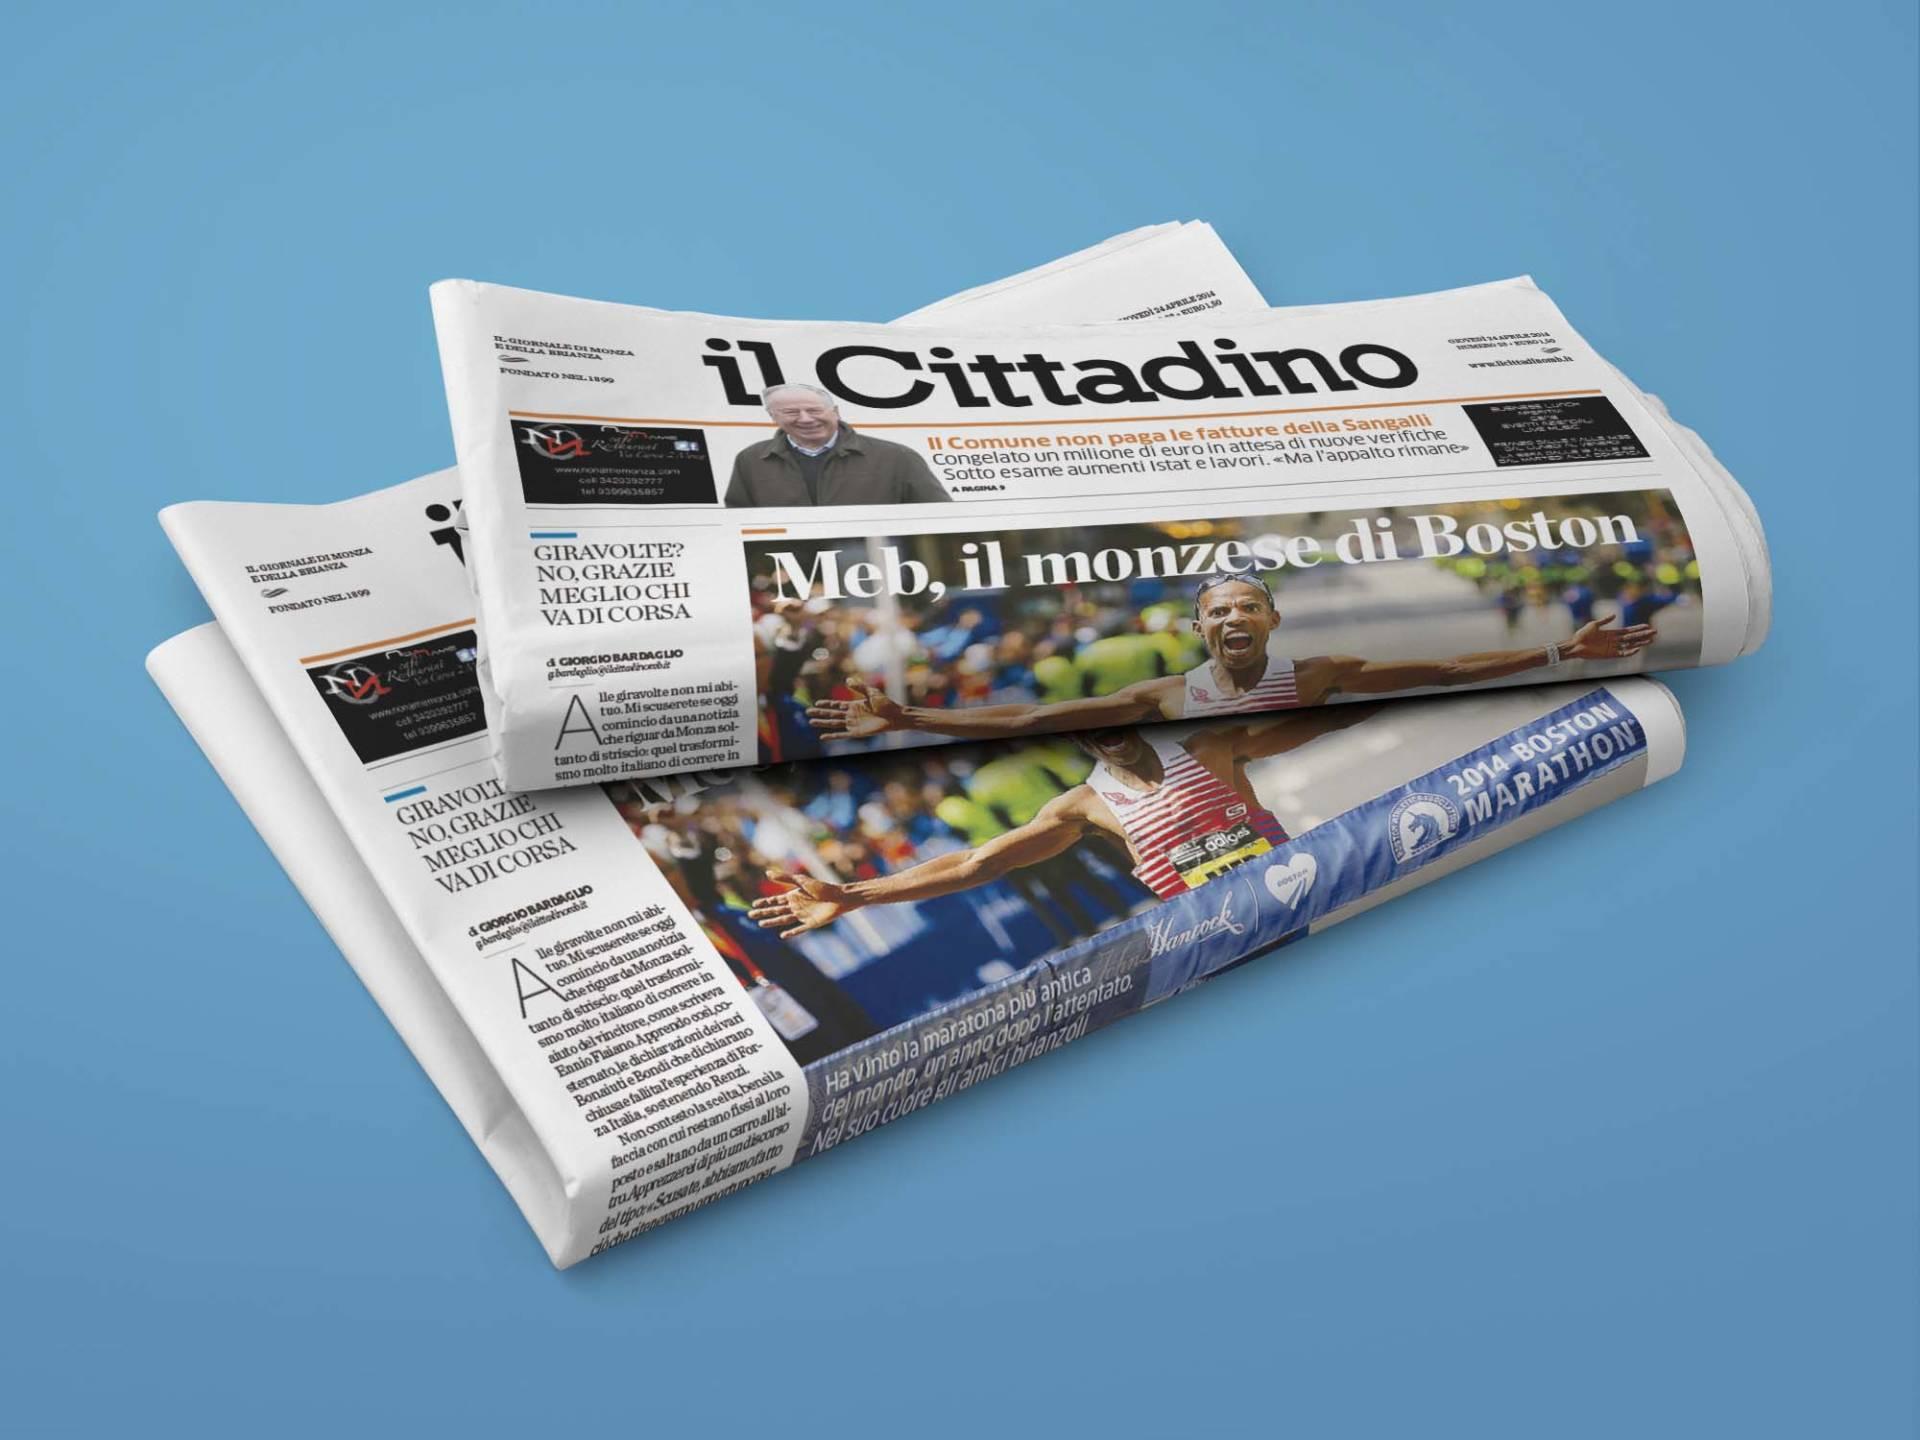 Il_Cittadino_di_Monza_e_Brianza_01_Wenceslau_News_Design